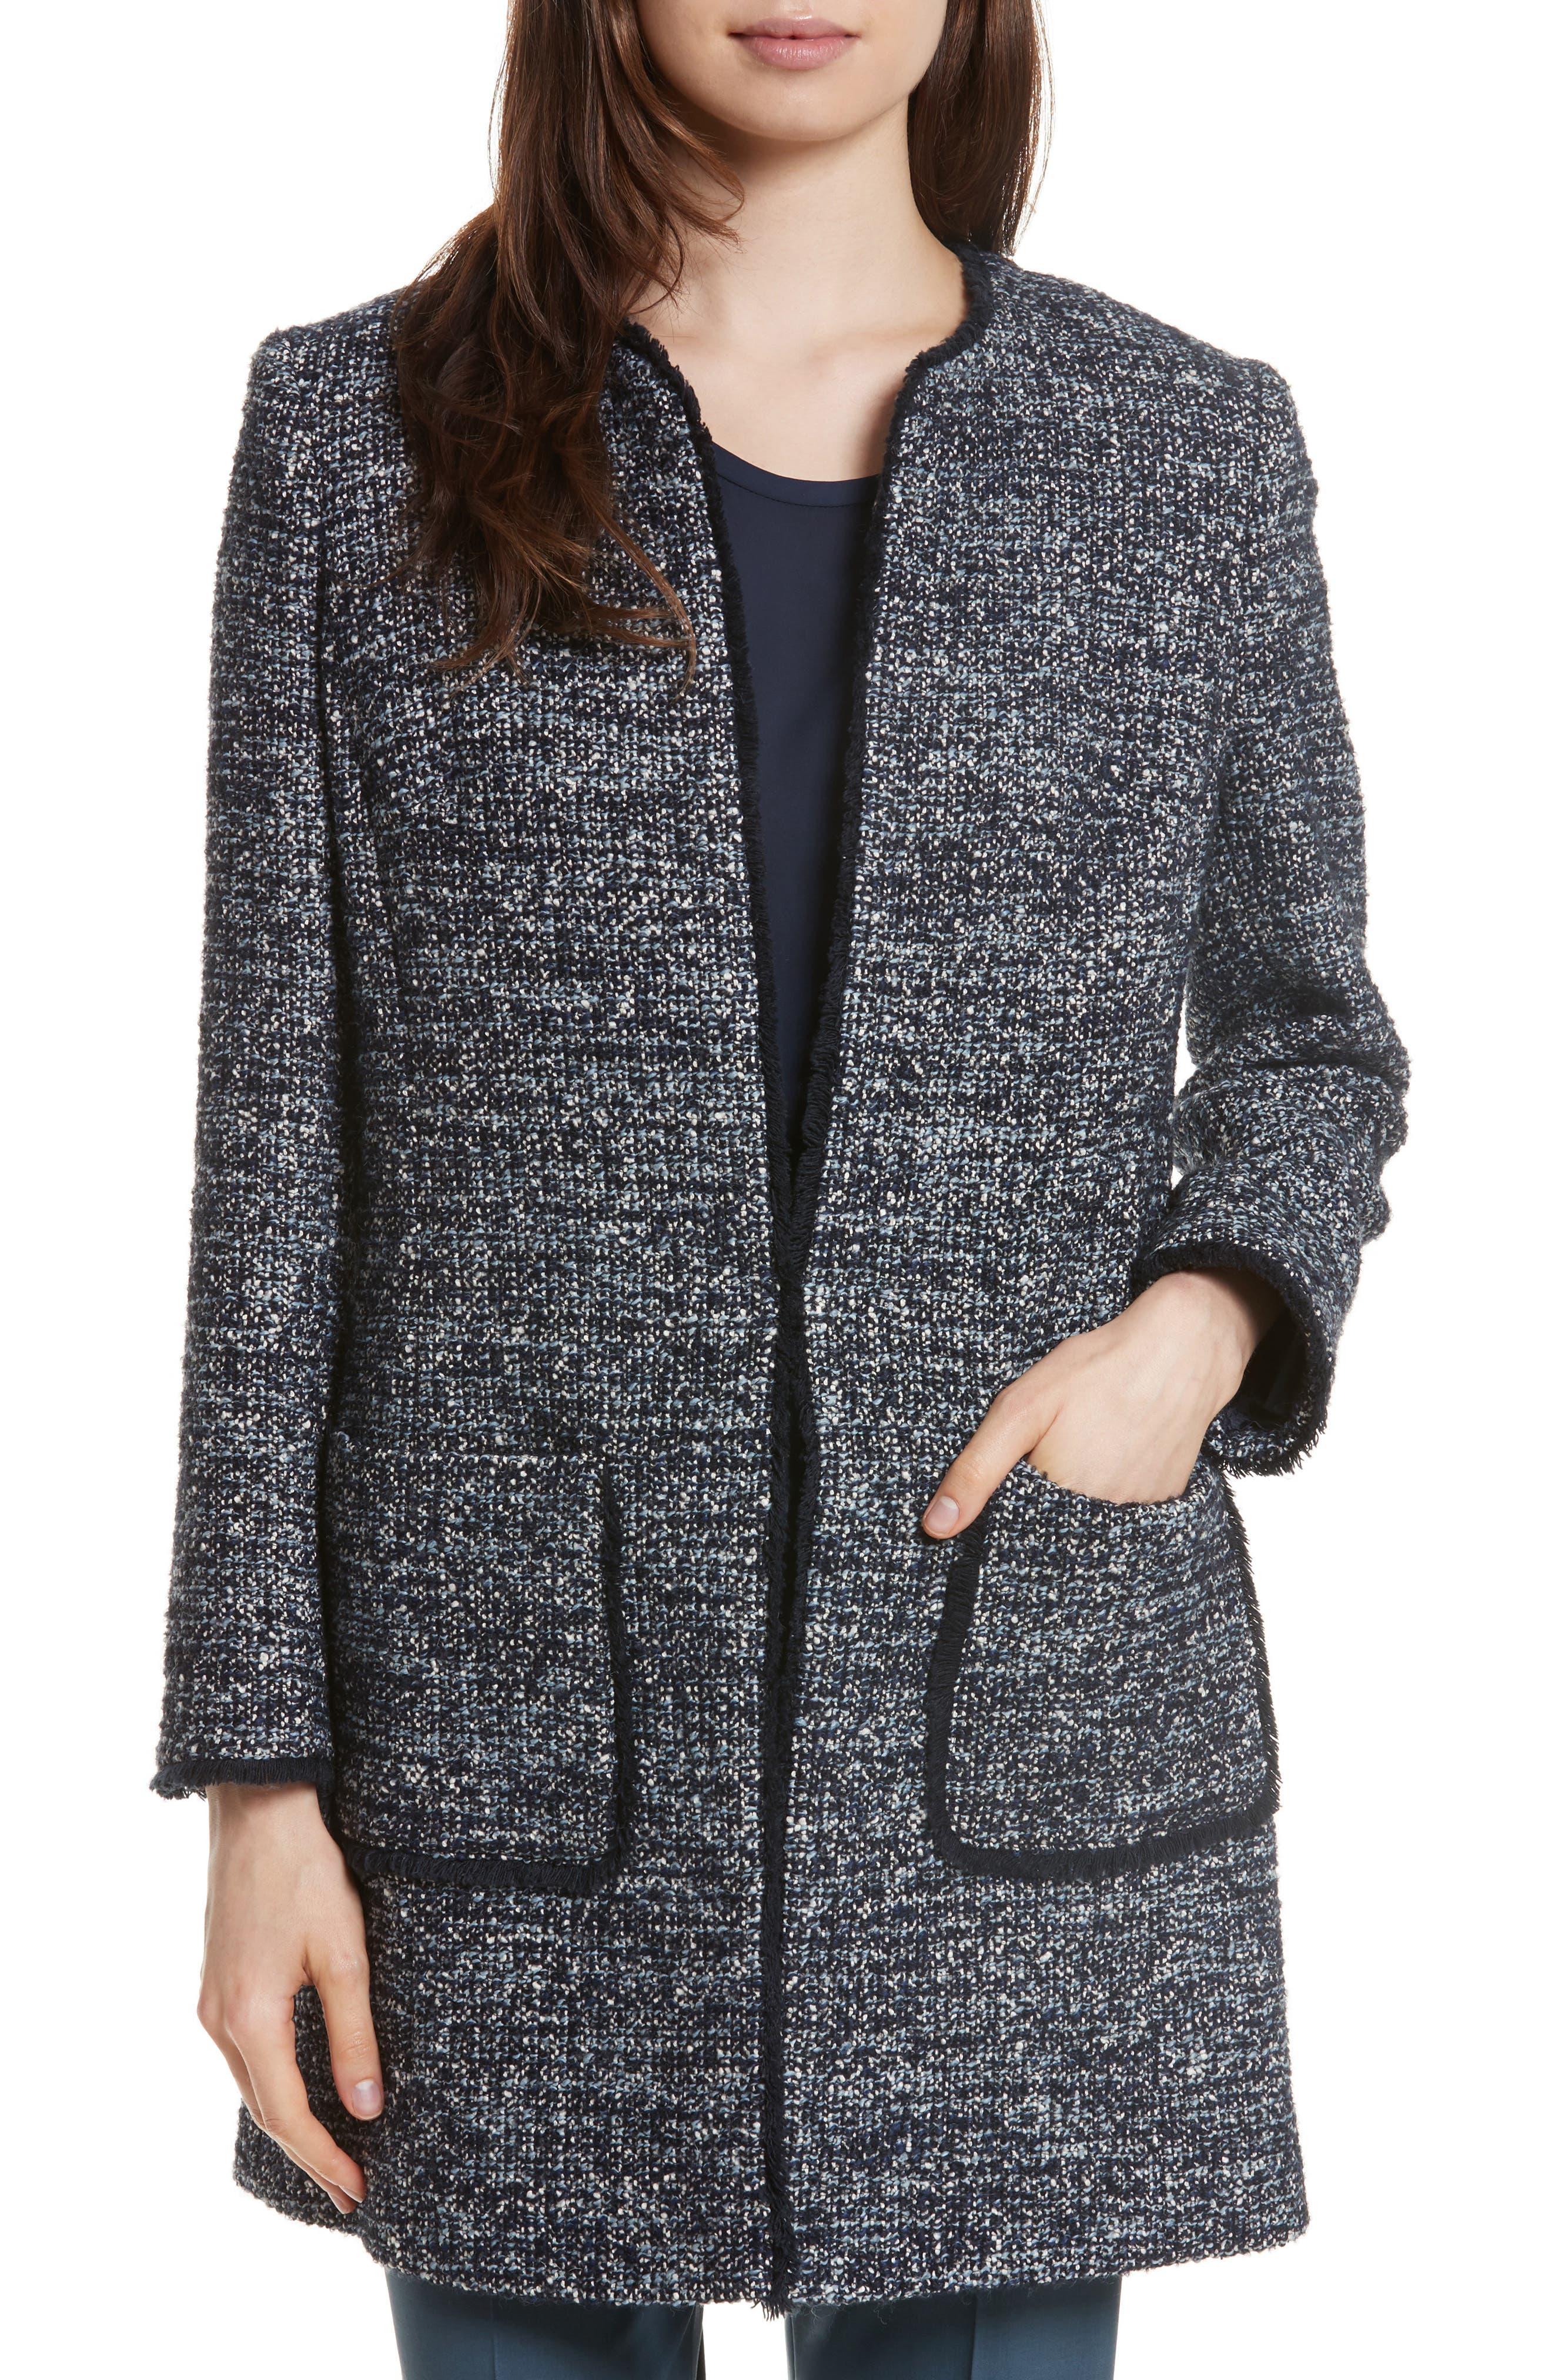 Alice Tweed Jacket,                         Main,                         color,